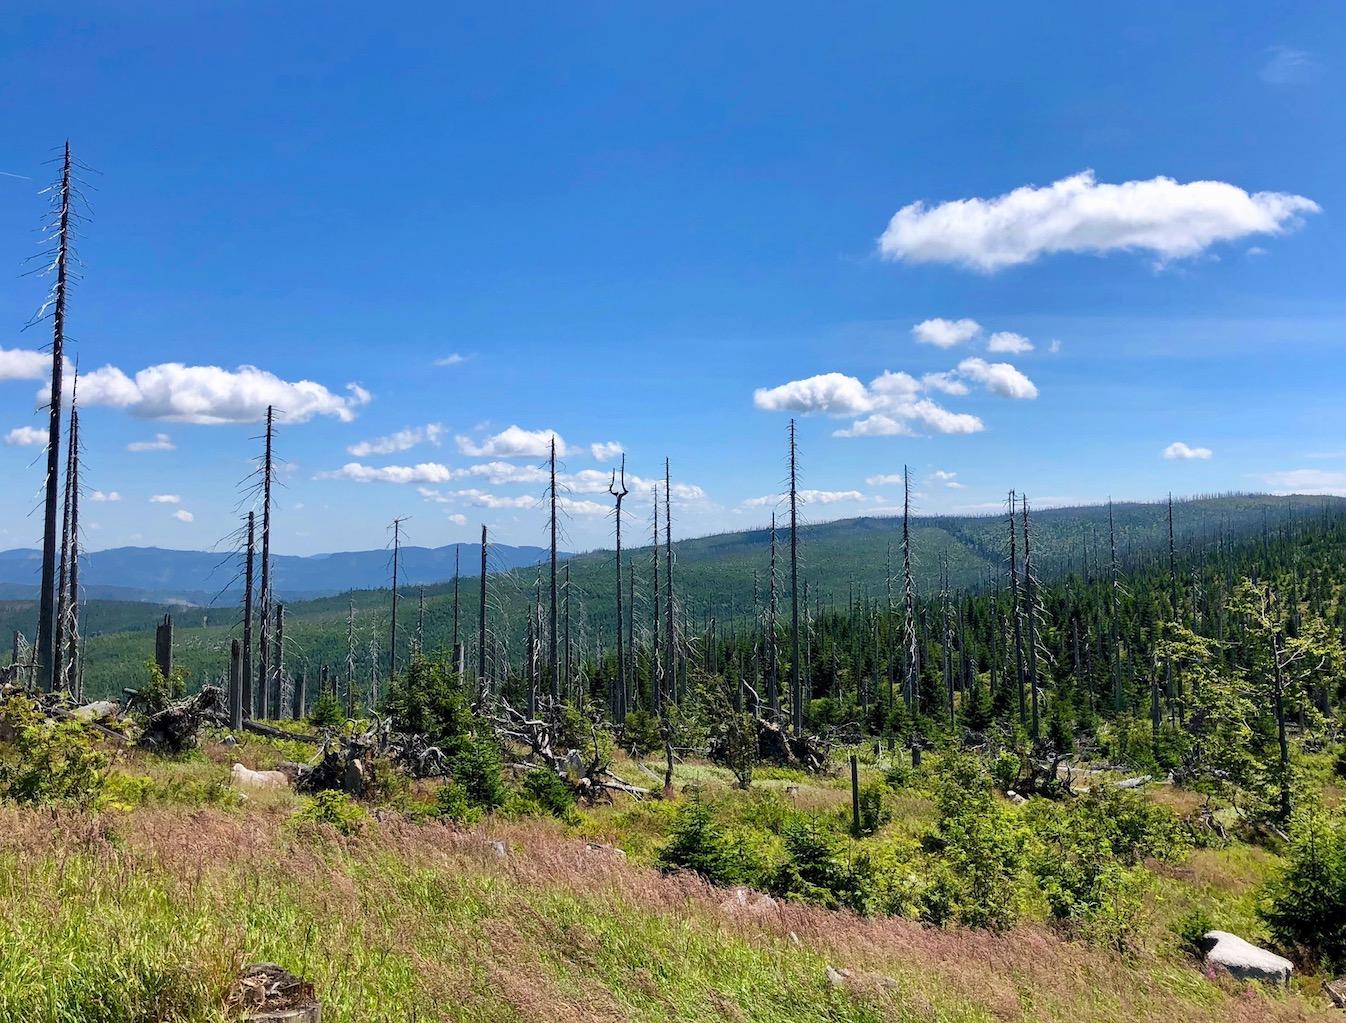 Baumgerippe im Bereich des Nationalparks entlang der Grenze